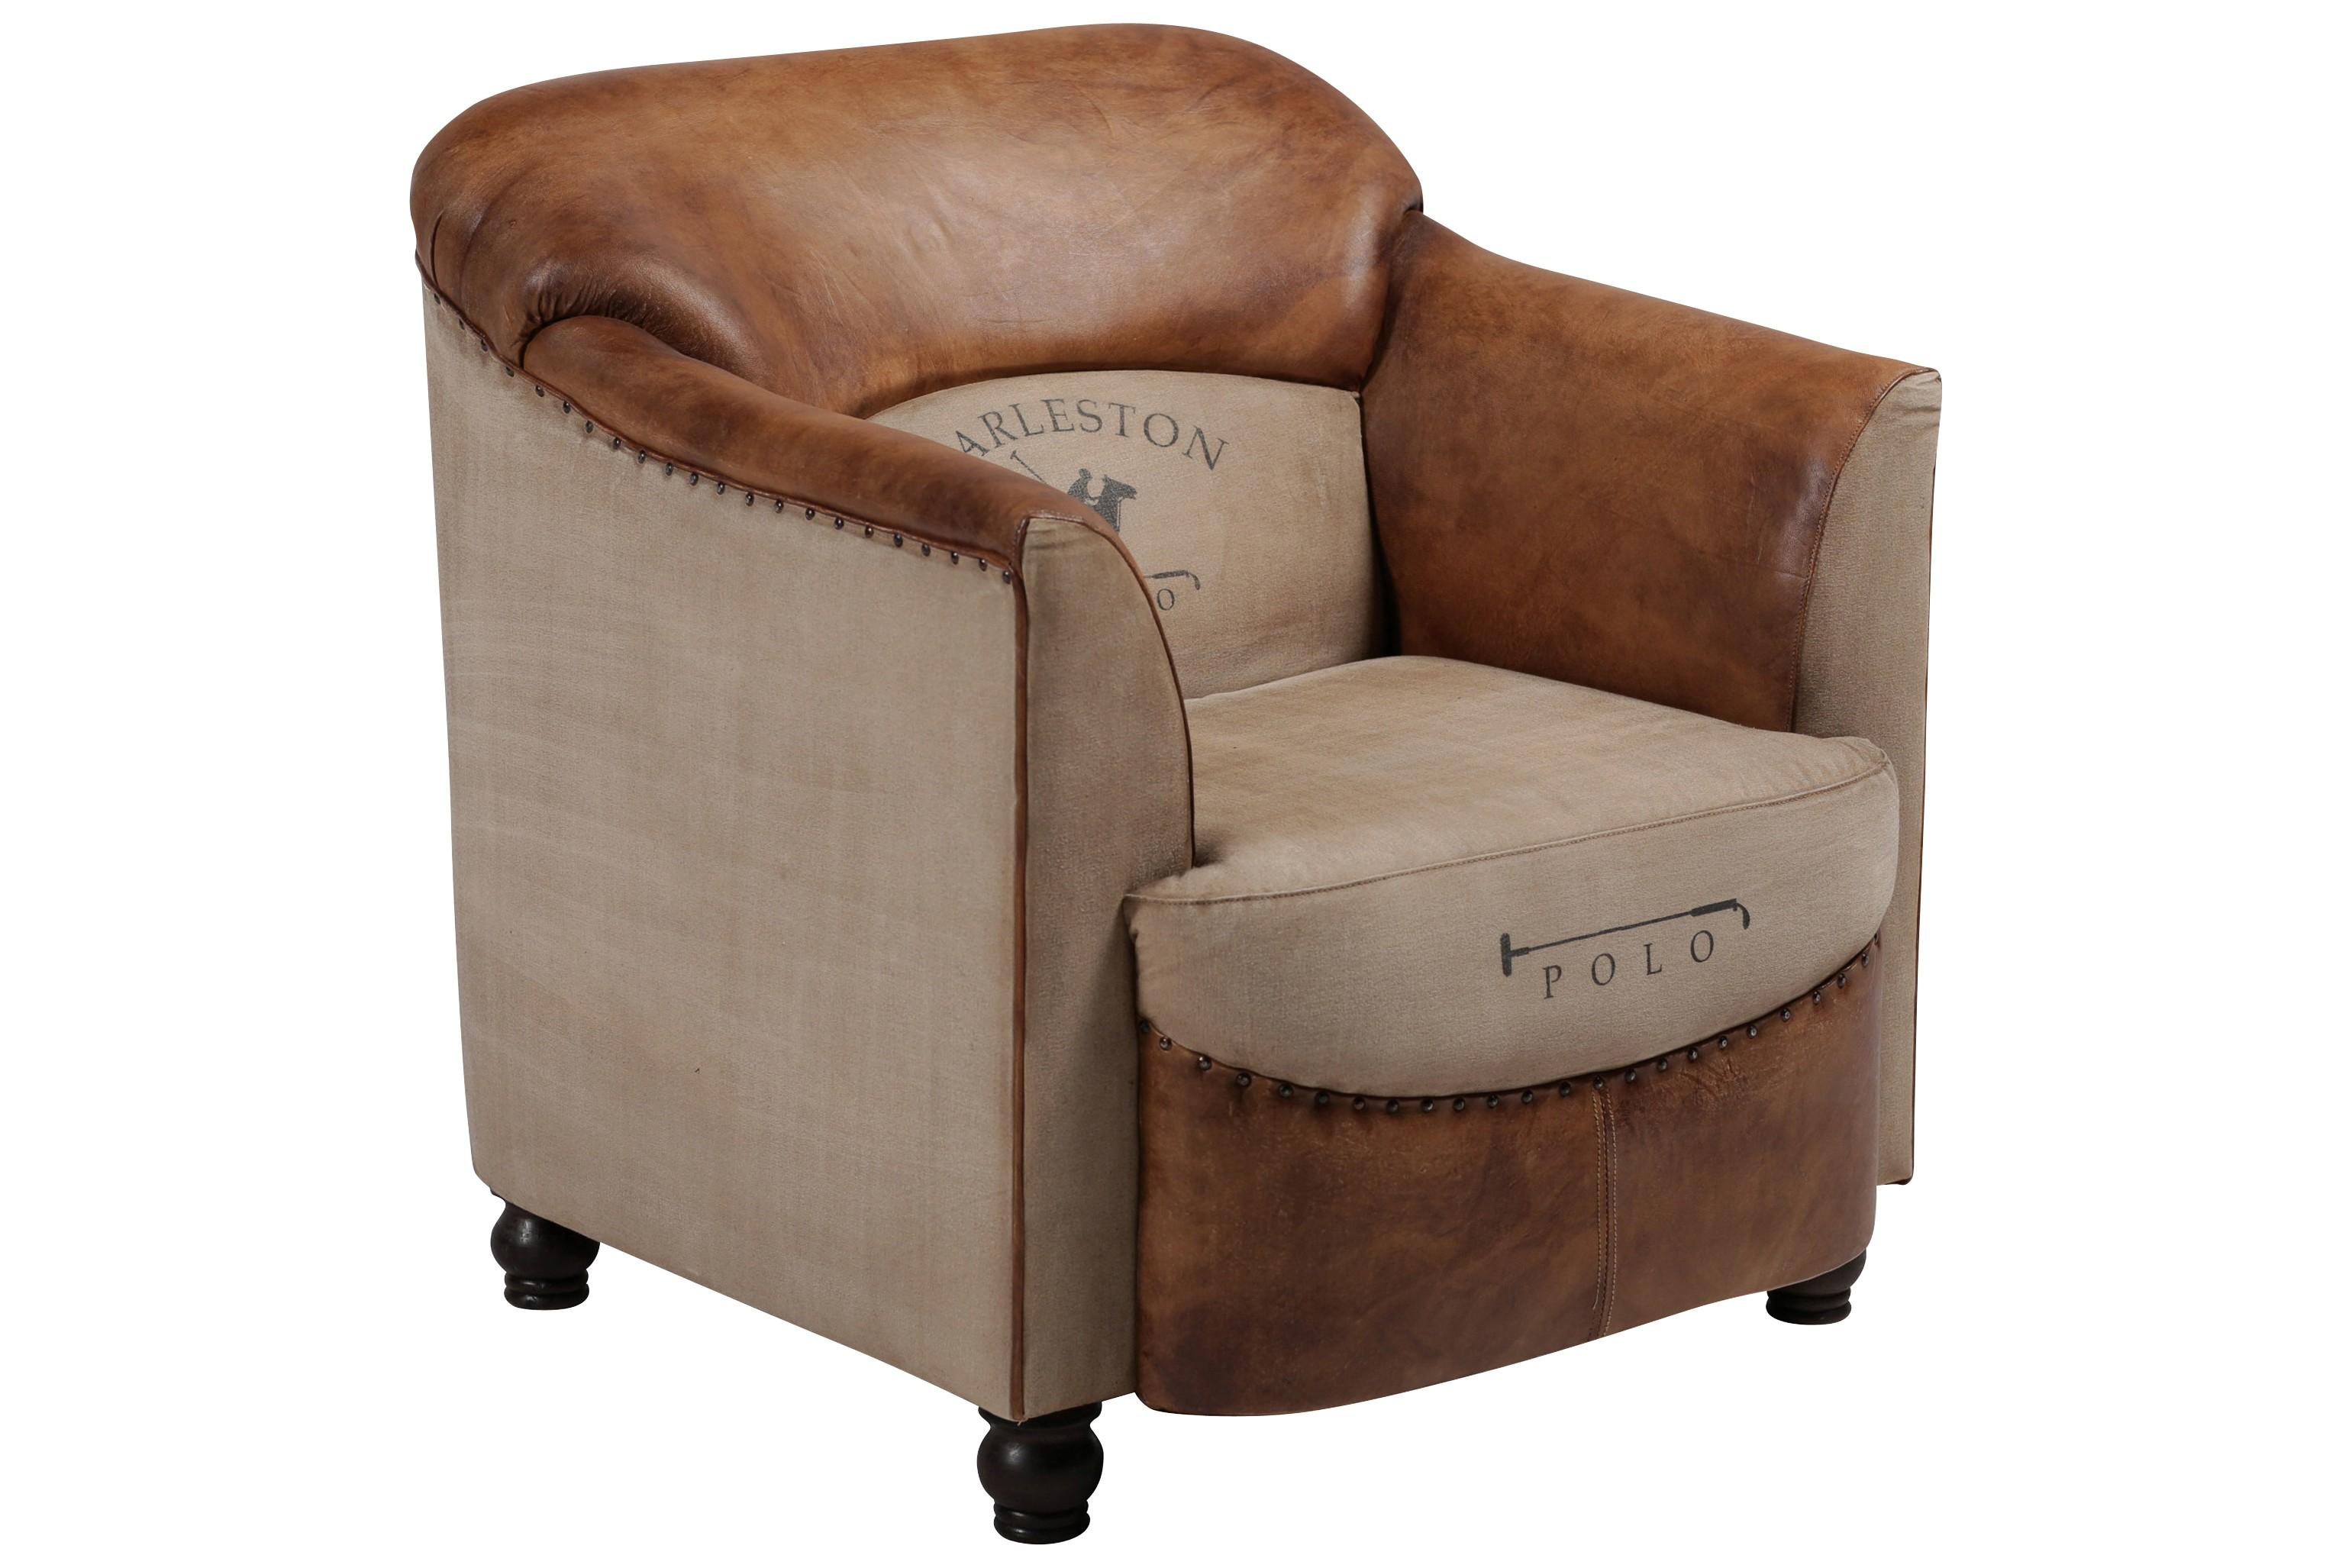 sessel braun das beste aus wohndesign und m bel inspiration. Black Bedroom Furniture Sets. Home Design Ideas